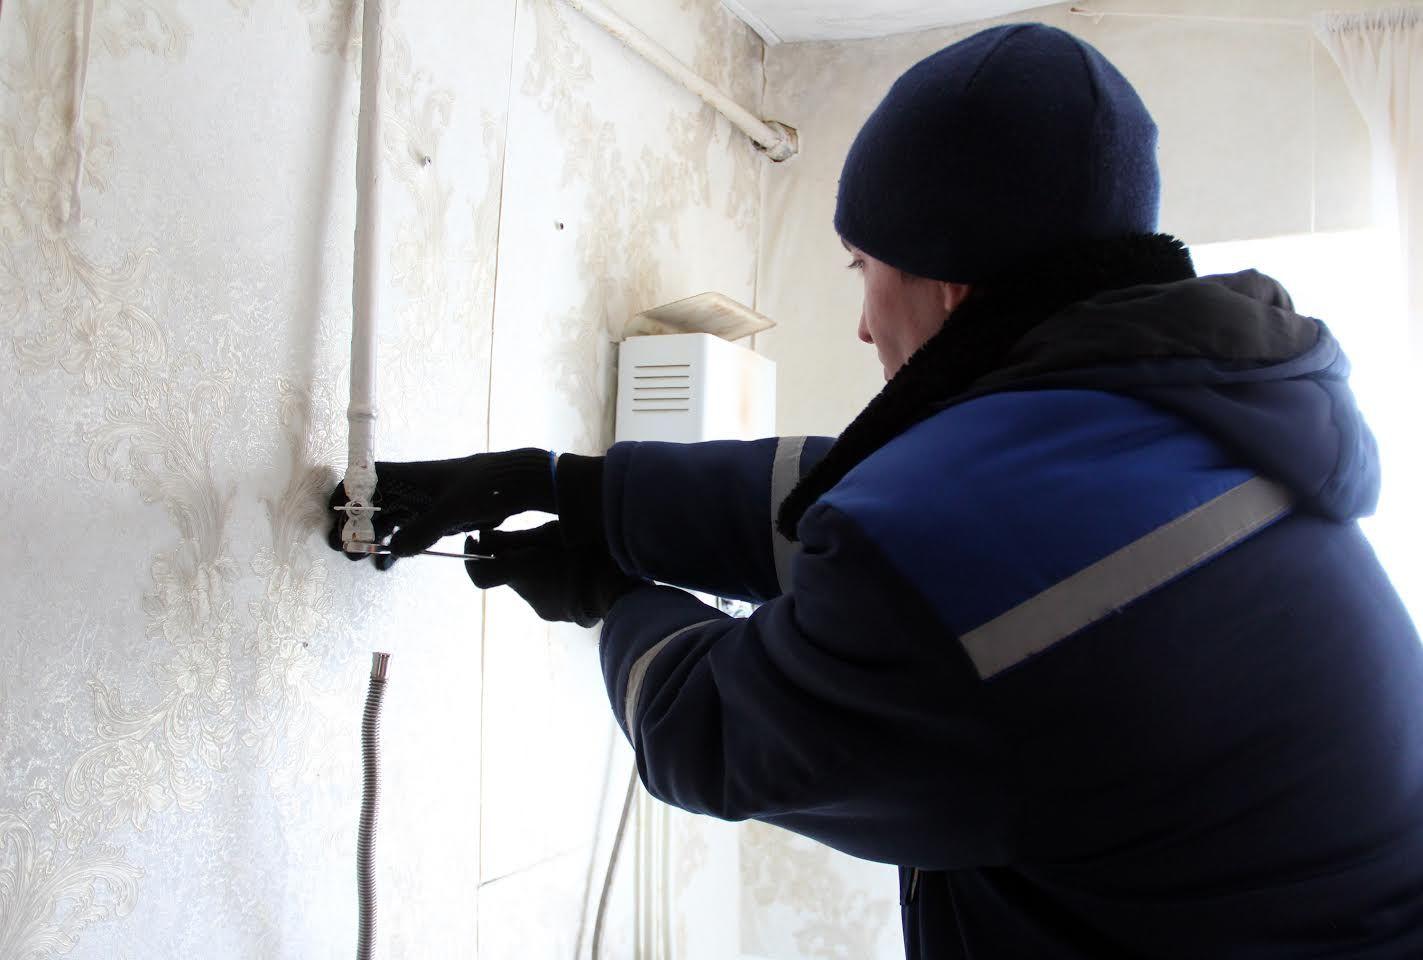 Самовольно установленная колонка без дымохода отравила семью вСтаврополе